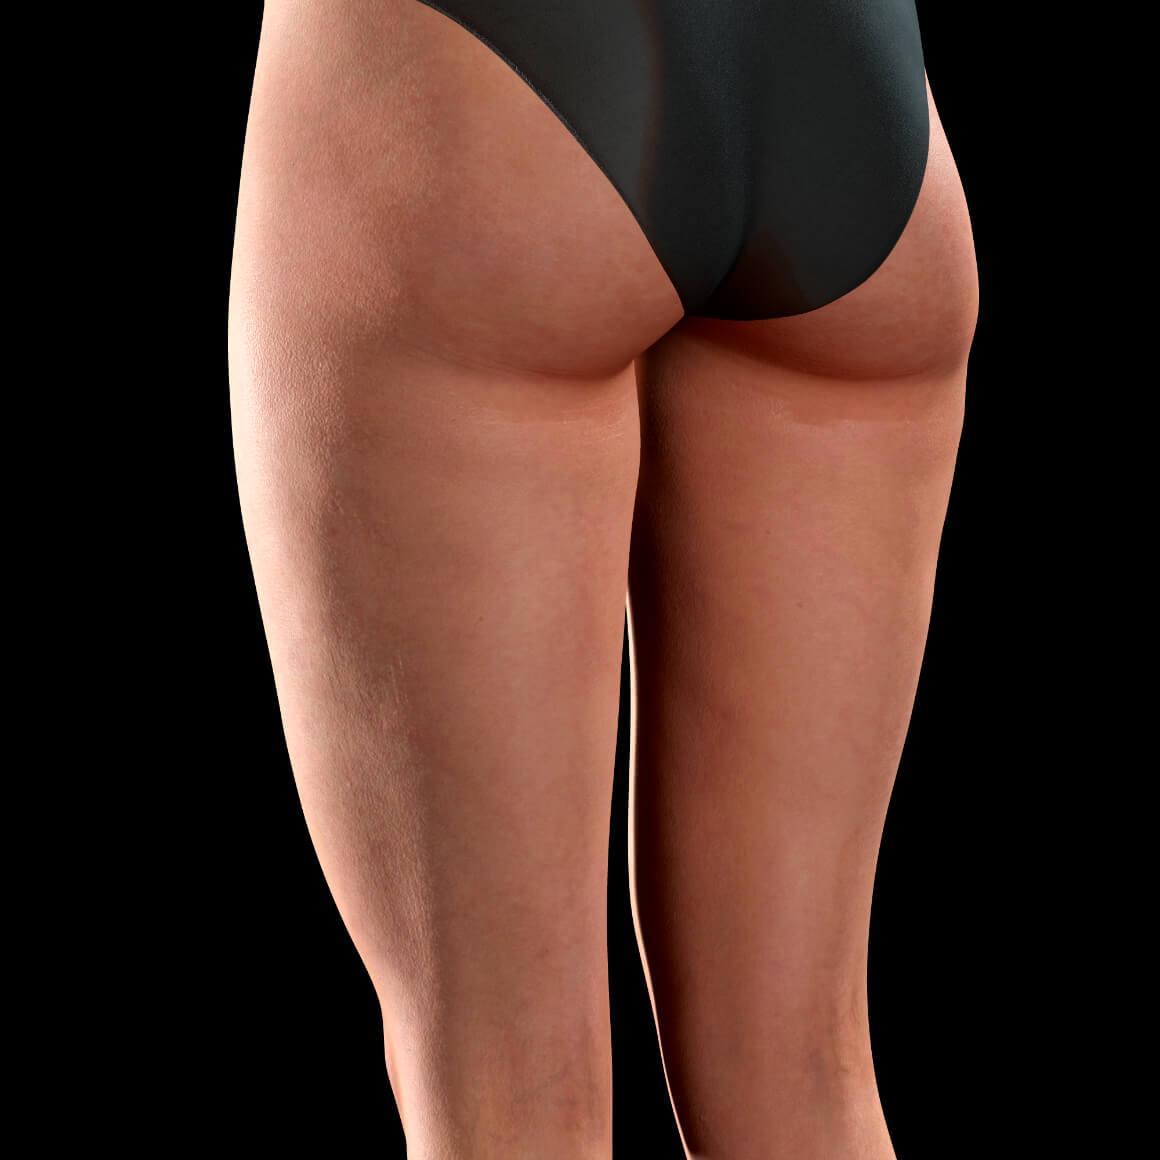 Cuisses d'une patiente de la Clinique Chloé positionnée en angle après un traitement Profound contre la cellulite